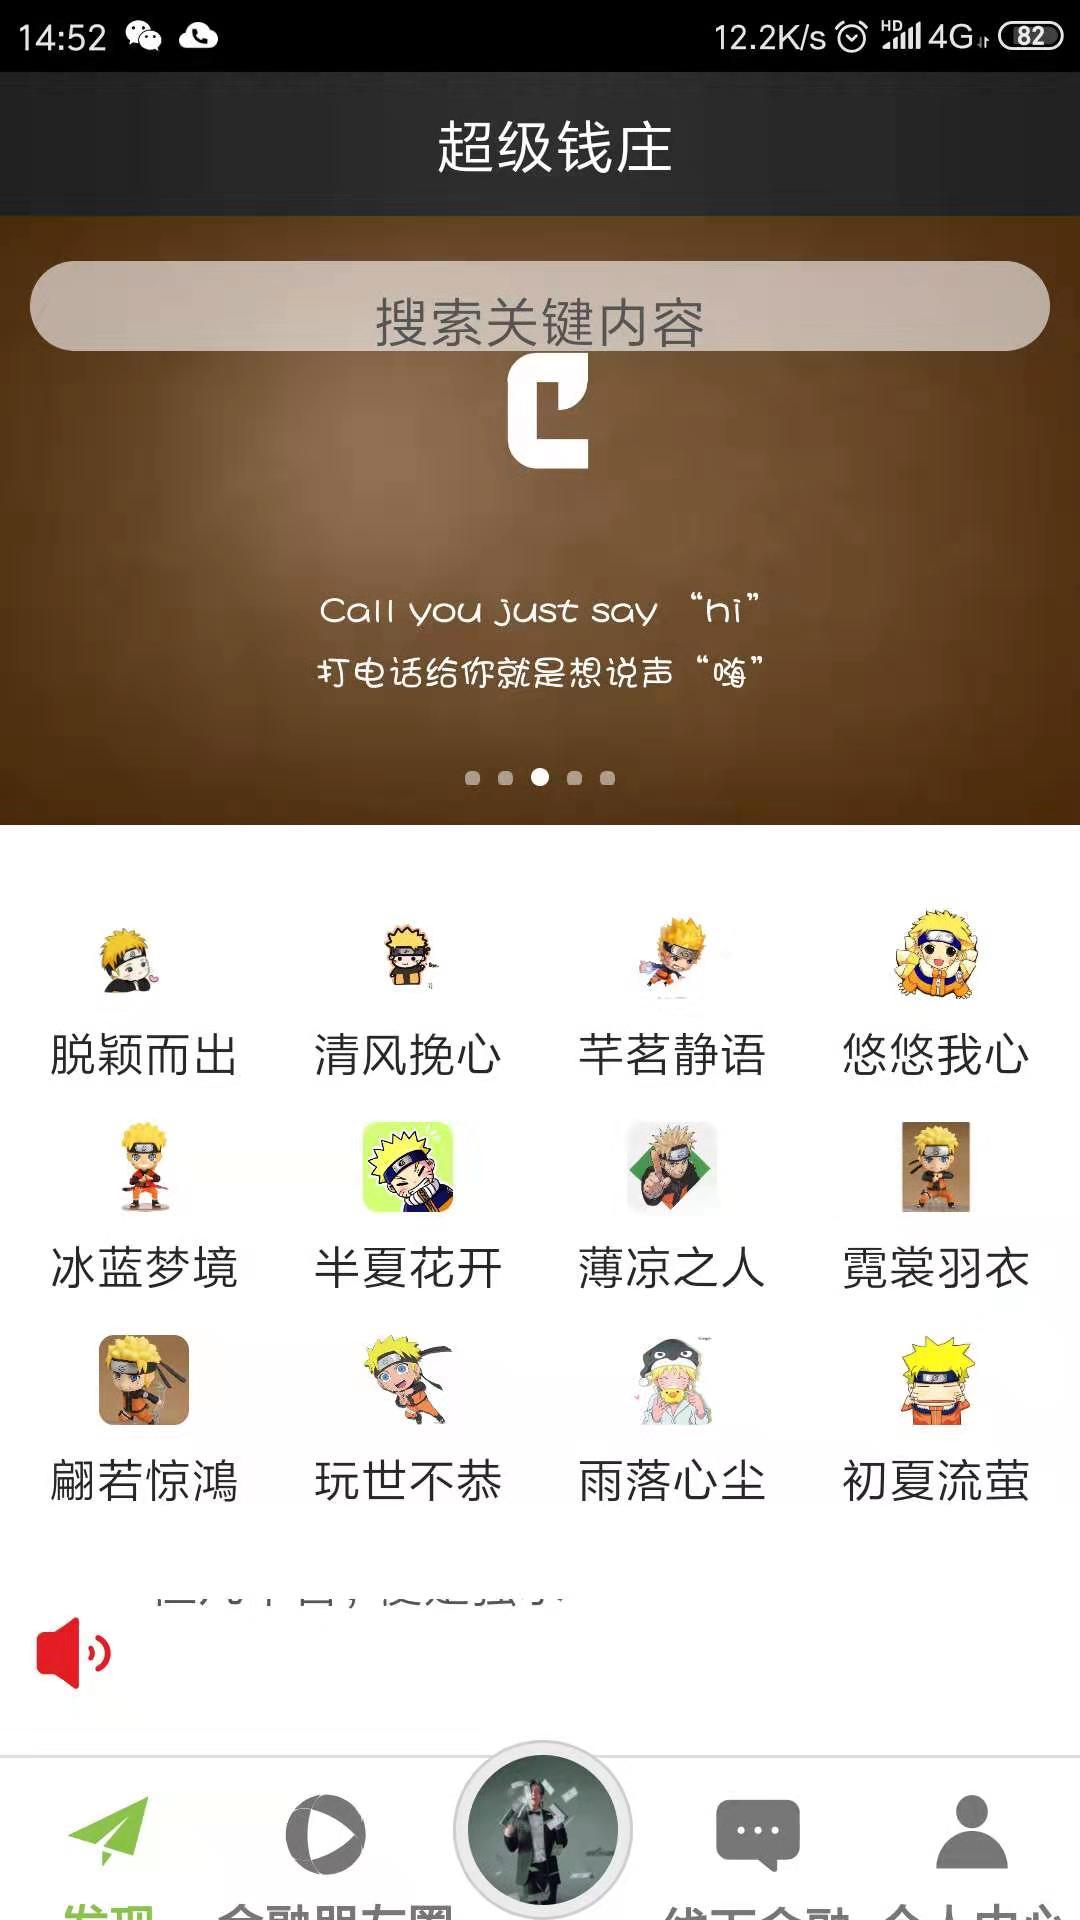 上海口碑好定制App咨询客服 诚信为本 上海敏迭网络技术供应